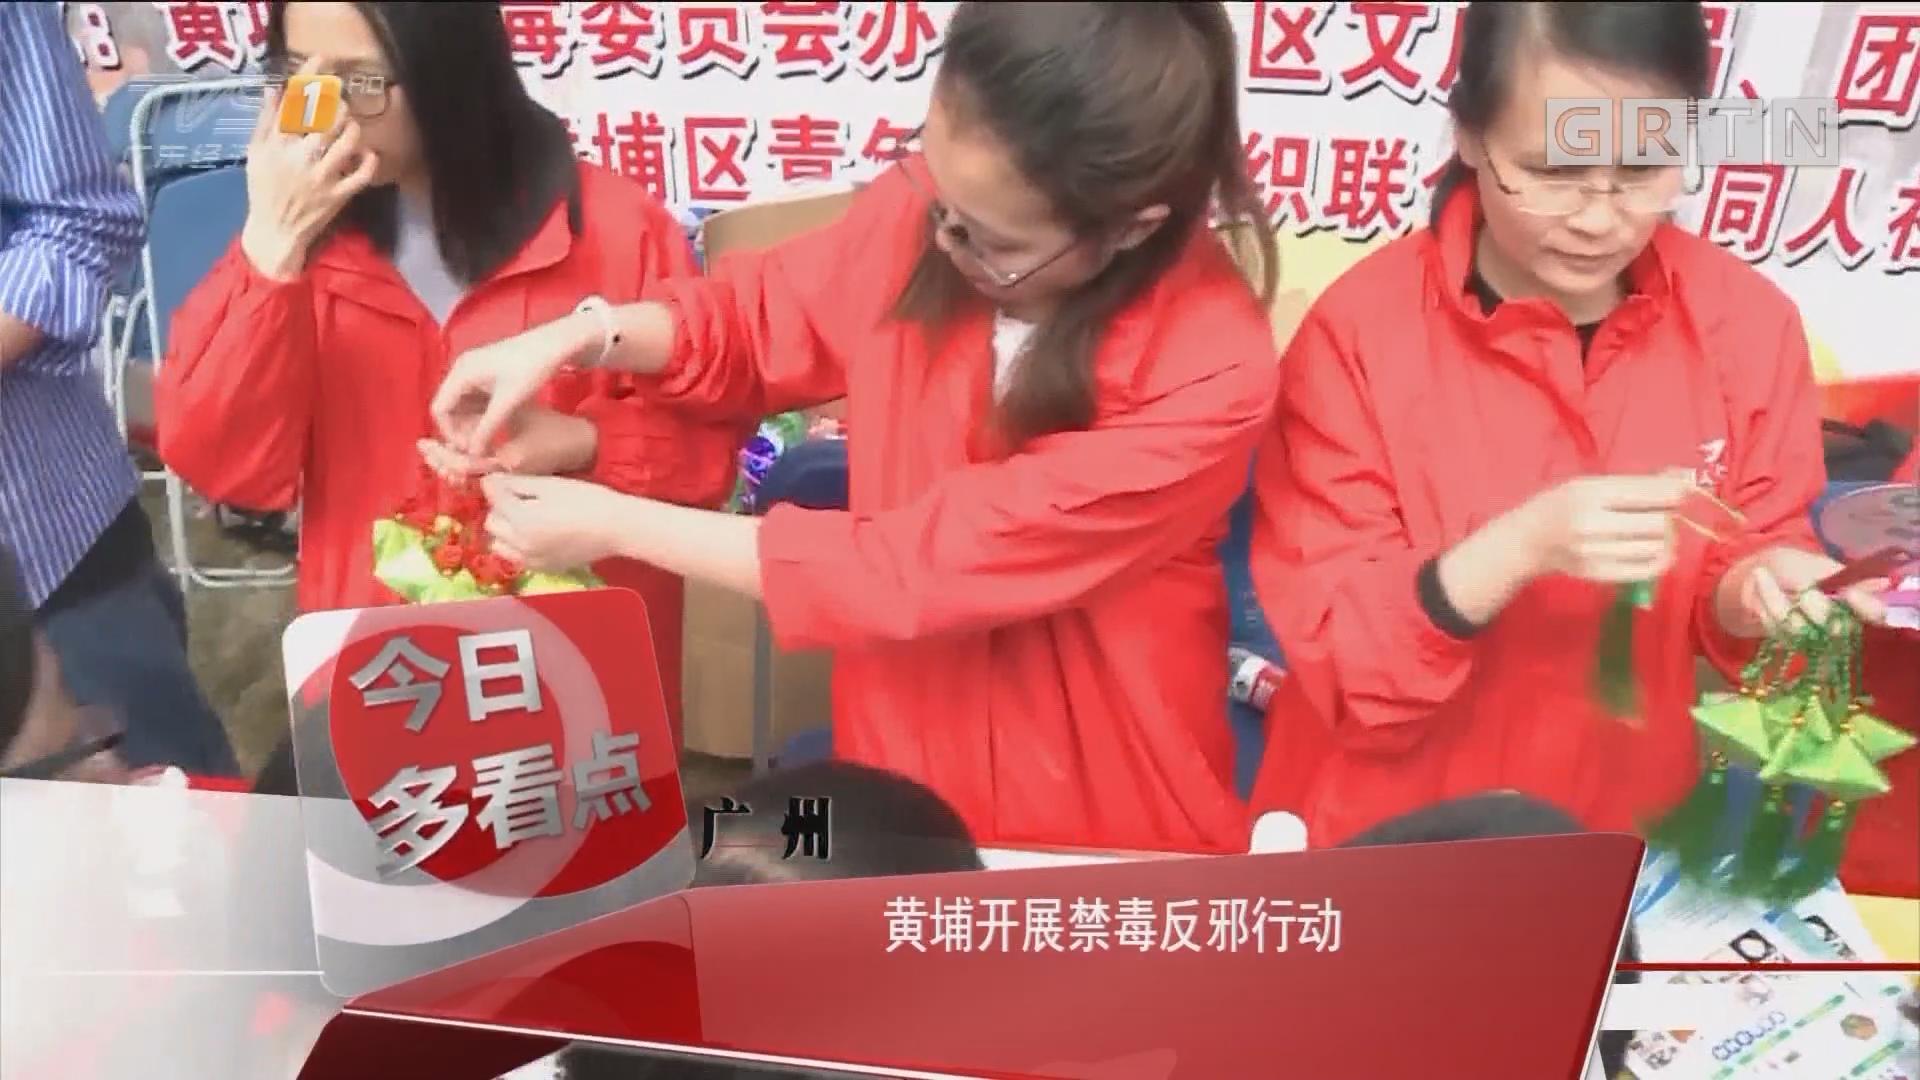 广州:黄埔开展禁毒反邪行动